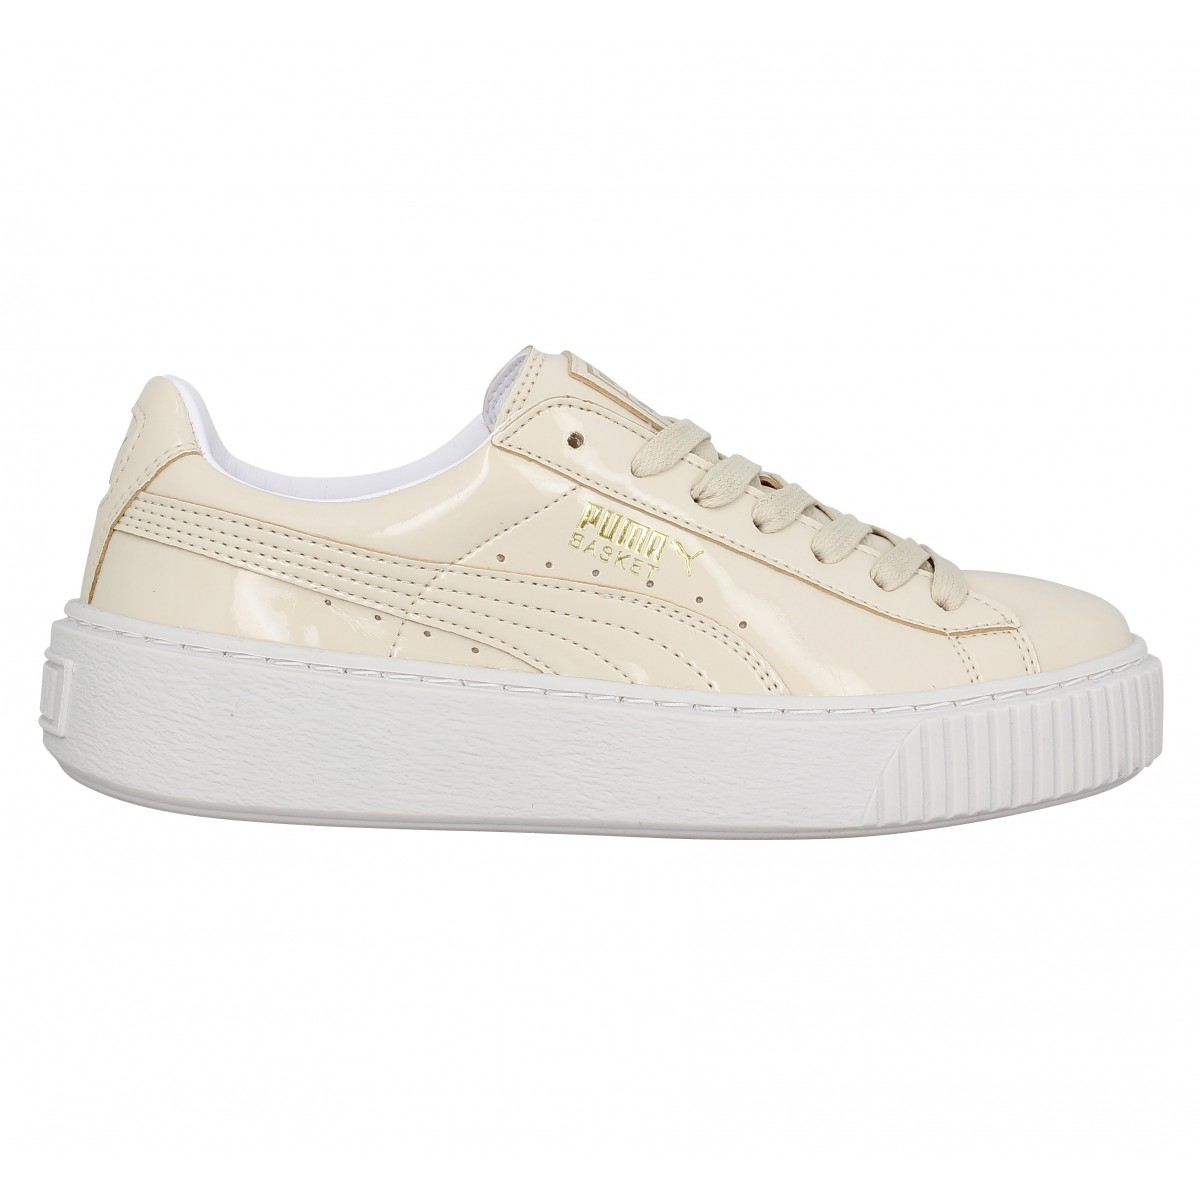 sports shoes a5884 d9906 Puma PLATFORM PATENT BEIGE Beige - Chaussures Basket Homme GH8HUA1Z -  destrainspourtous.fr